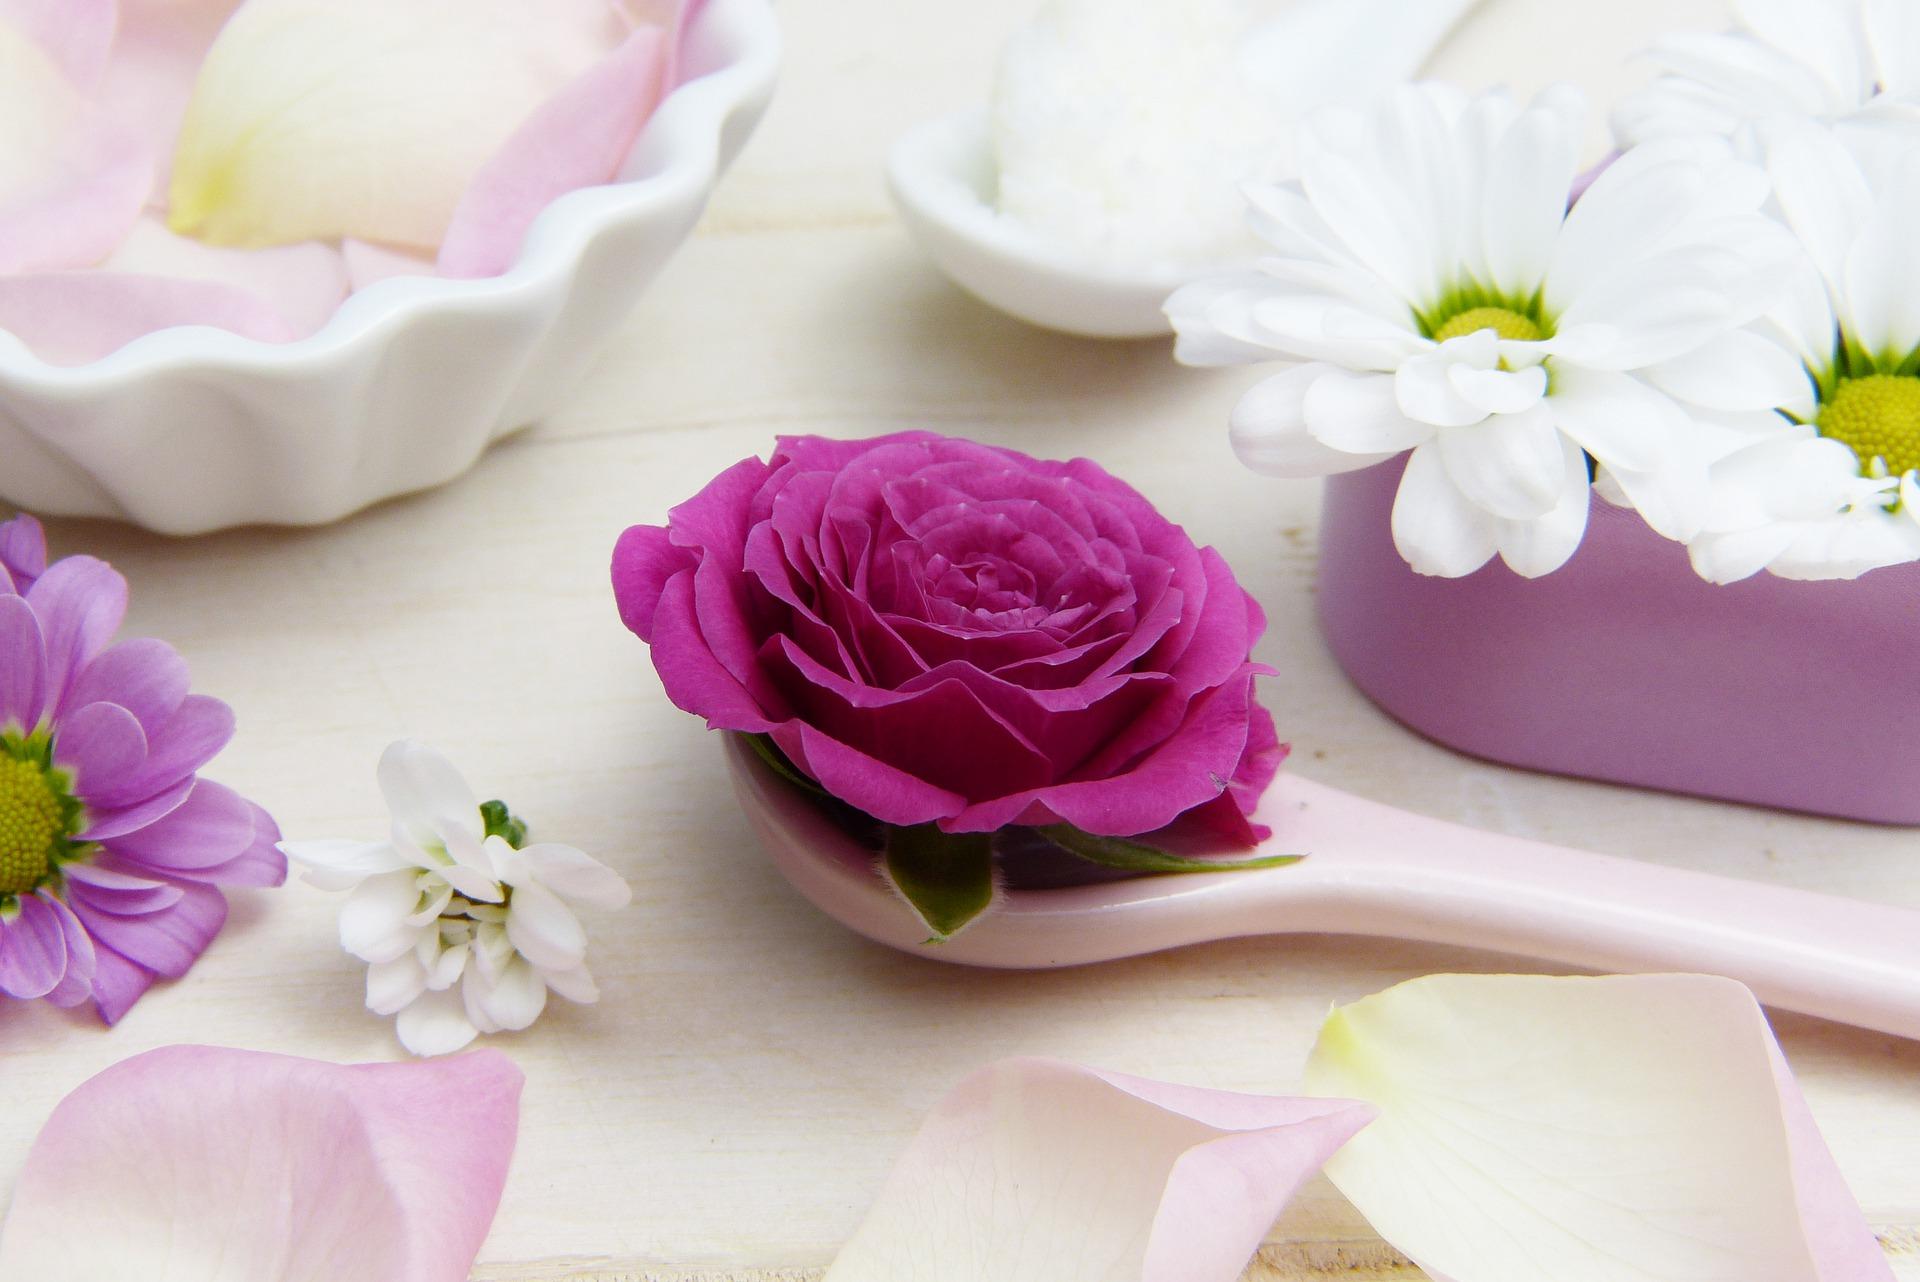 Ateliers DIY de cosmétiques au naturel en entreprise